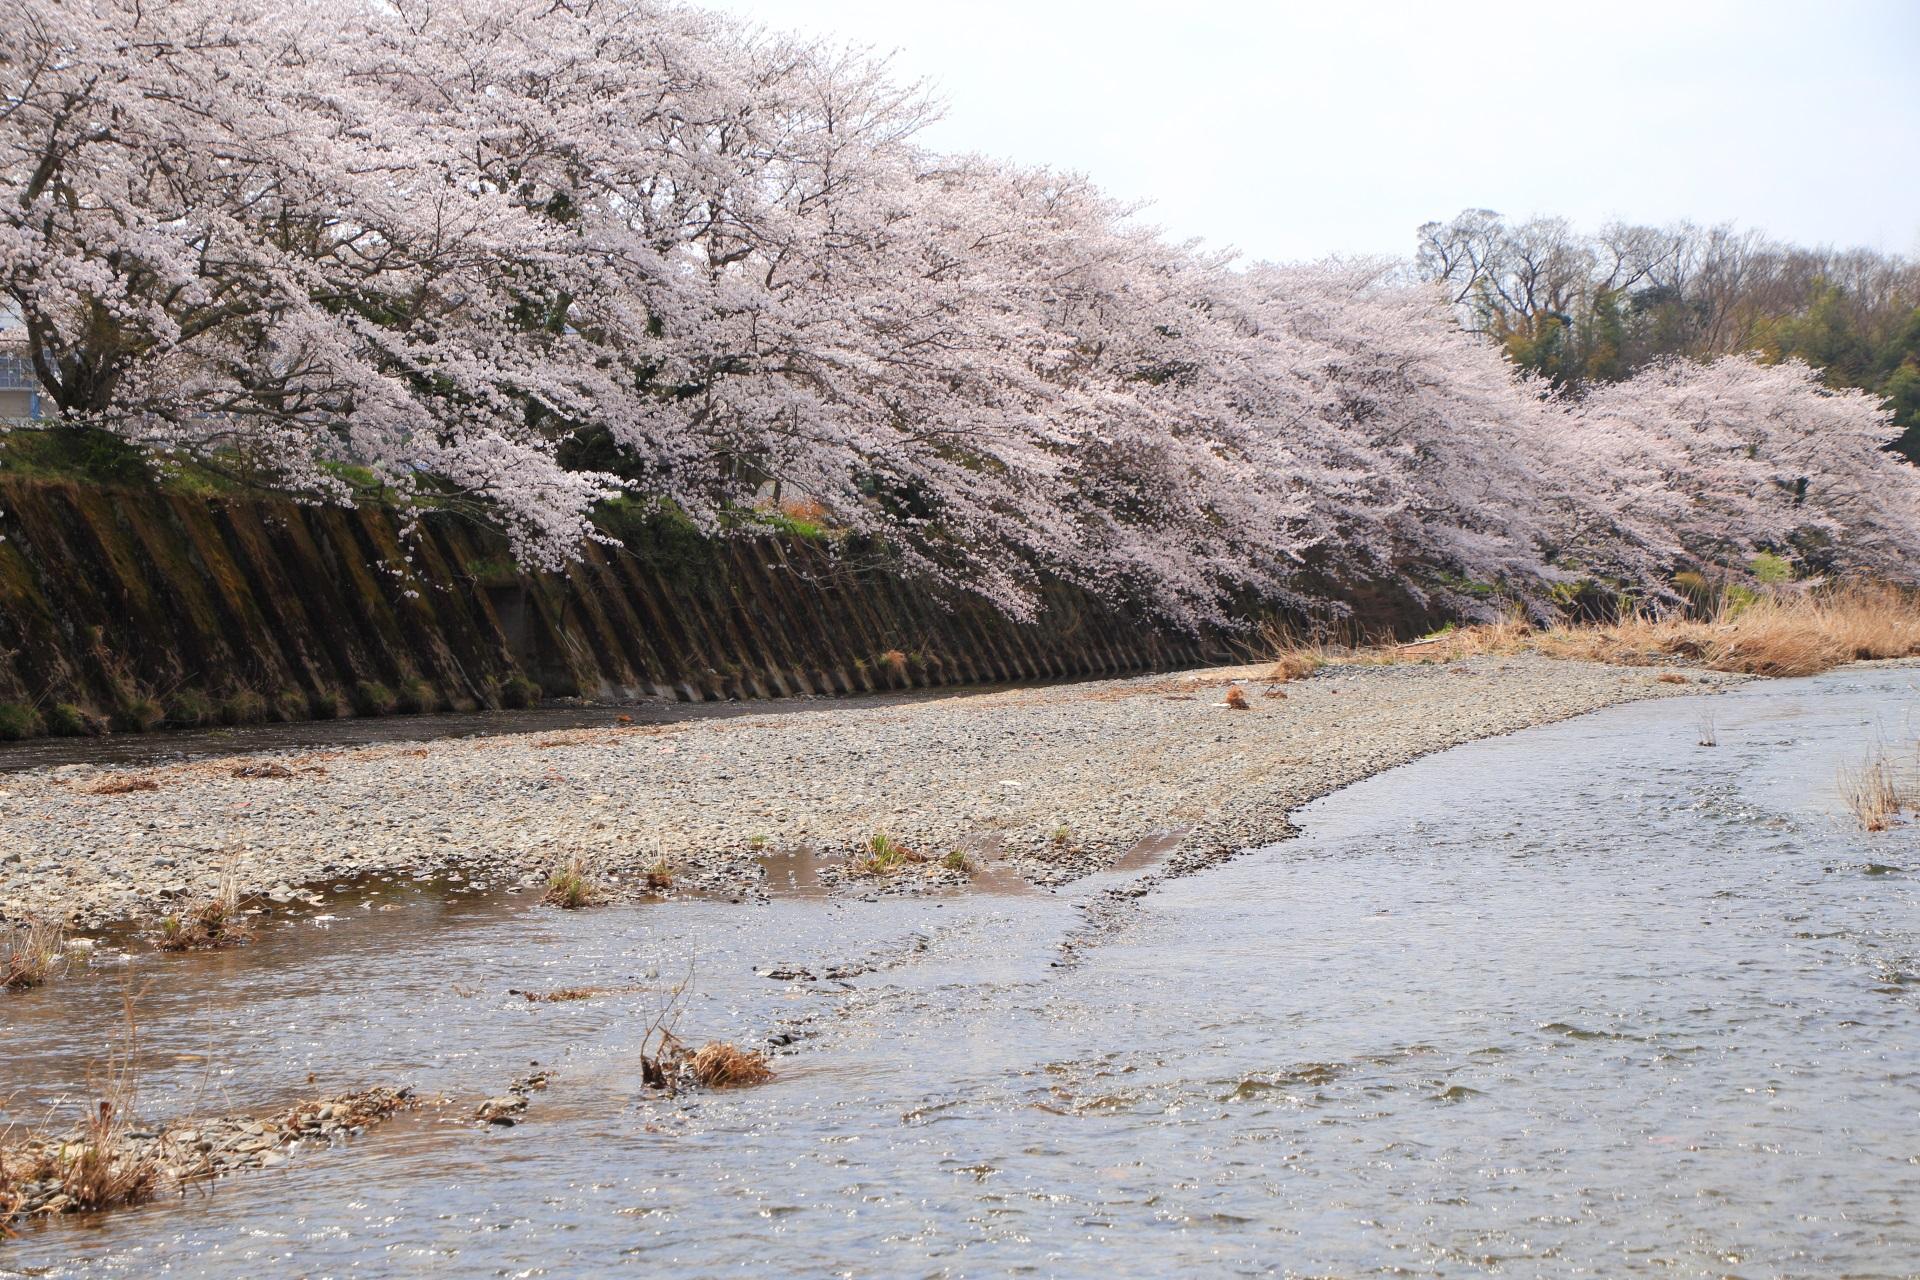 和束町の川辺から眺めた祝橋の桜